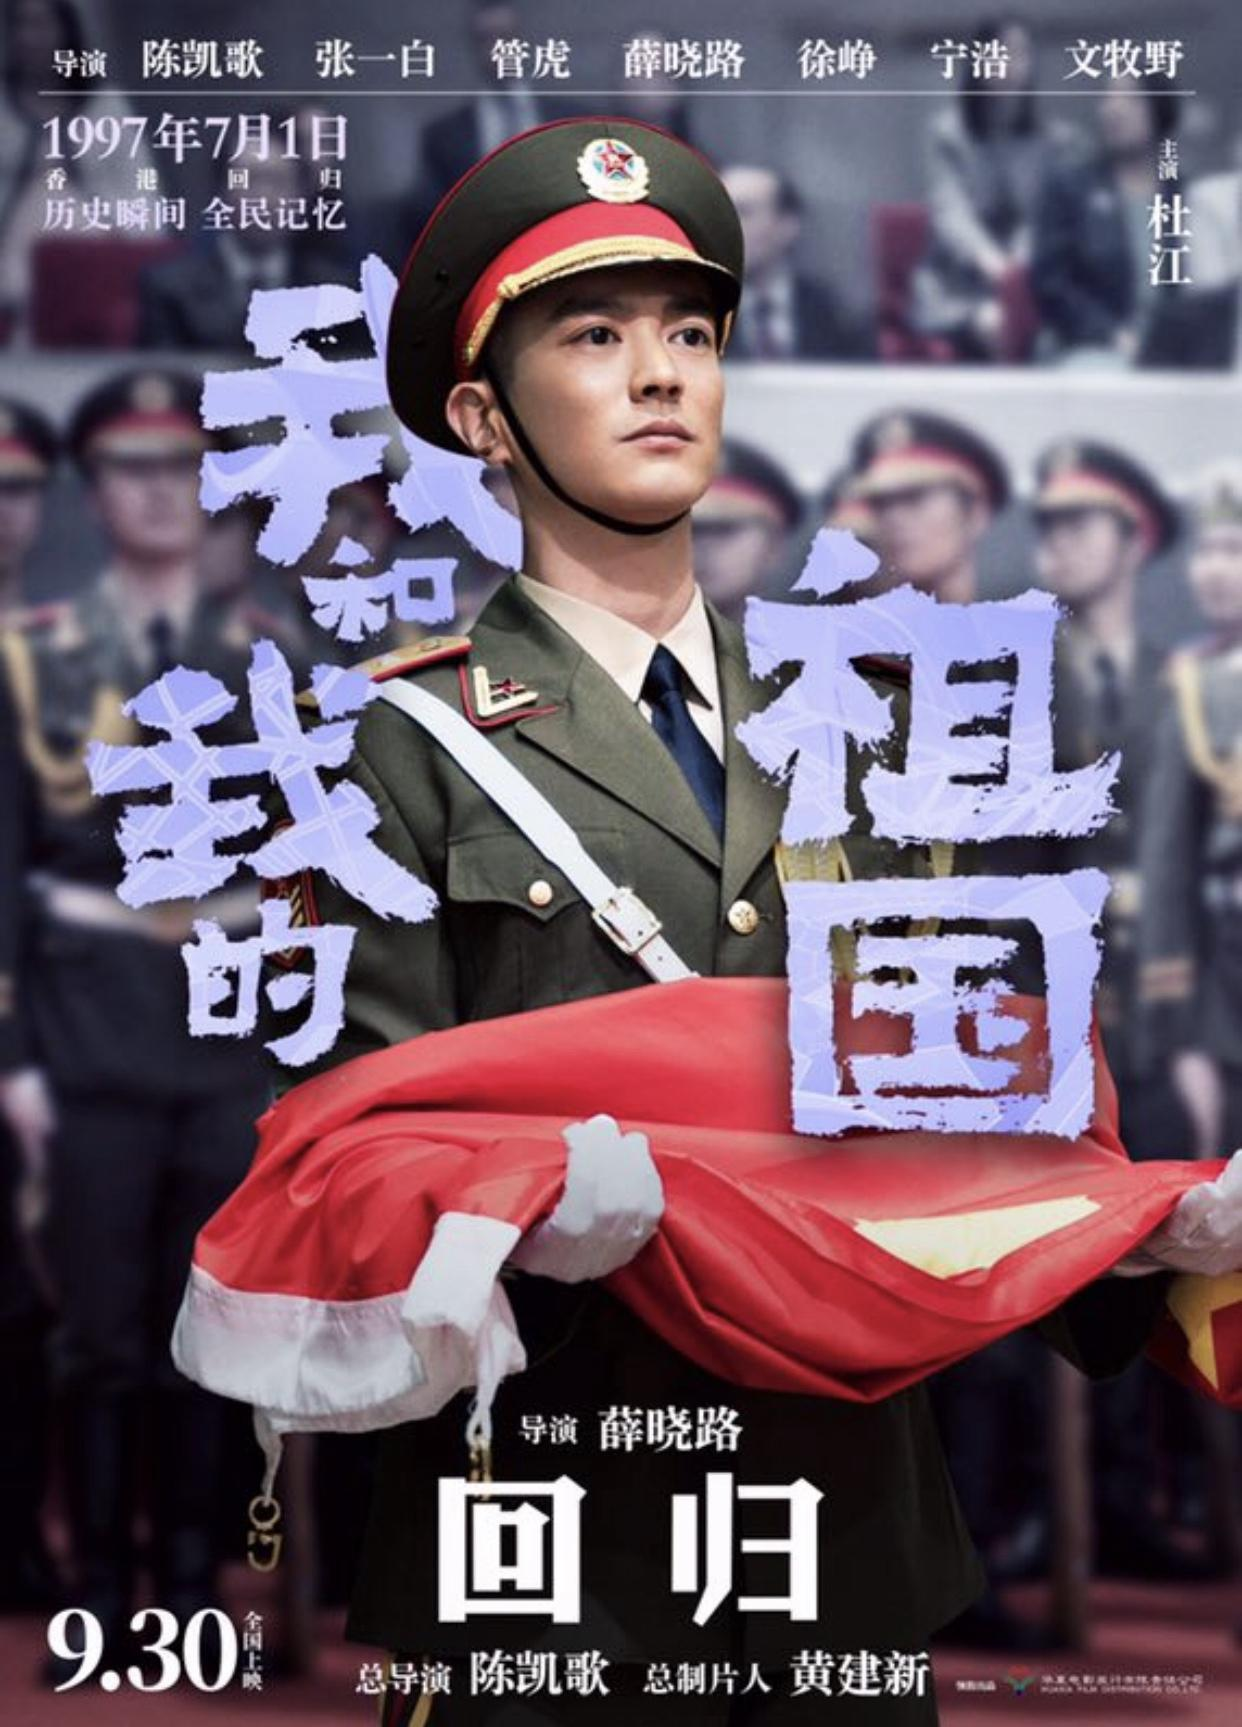 杜江成百亿票房演员 (4).jpg